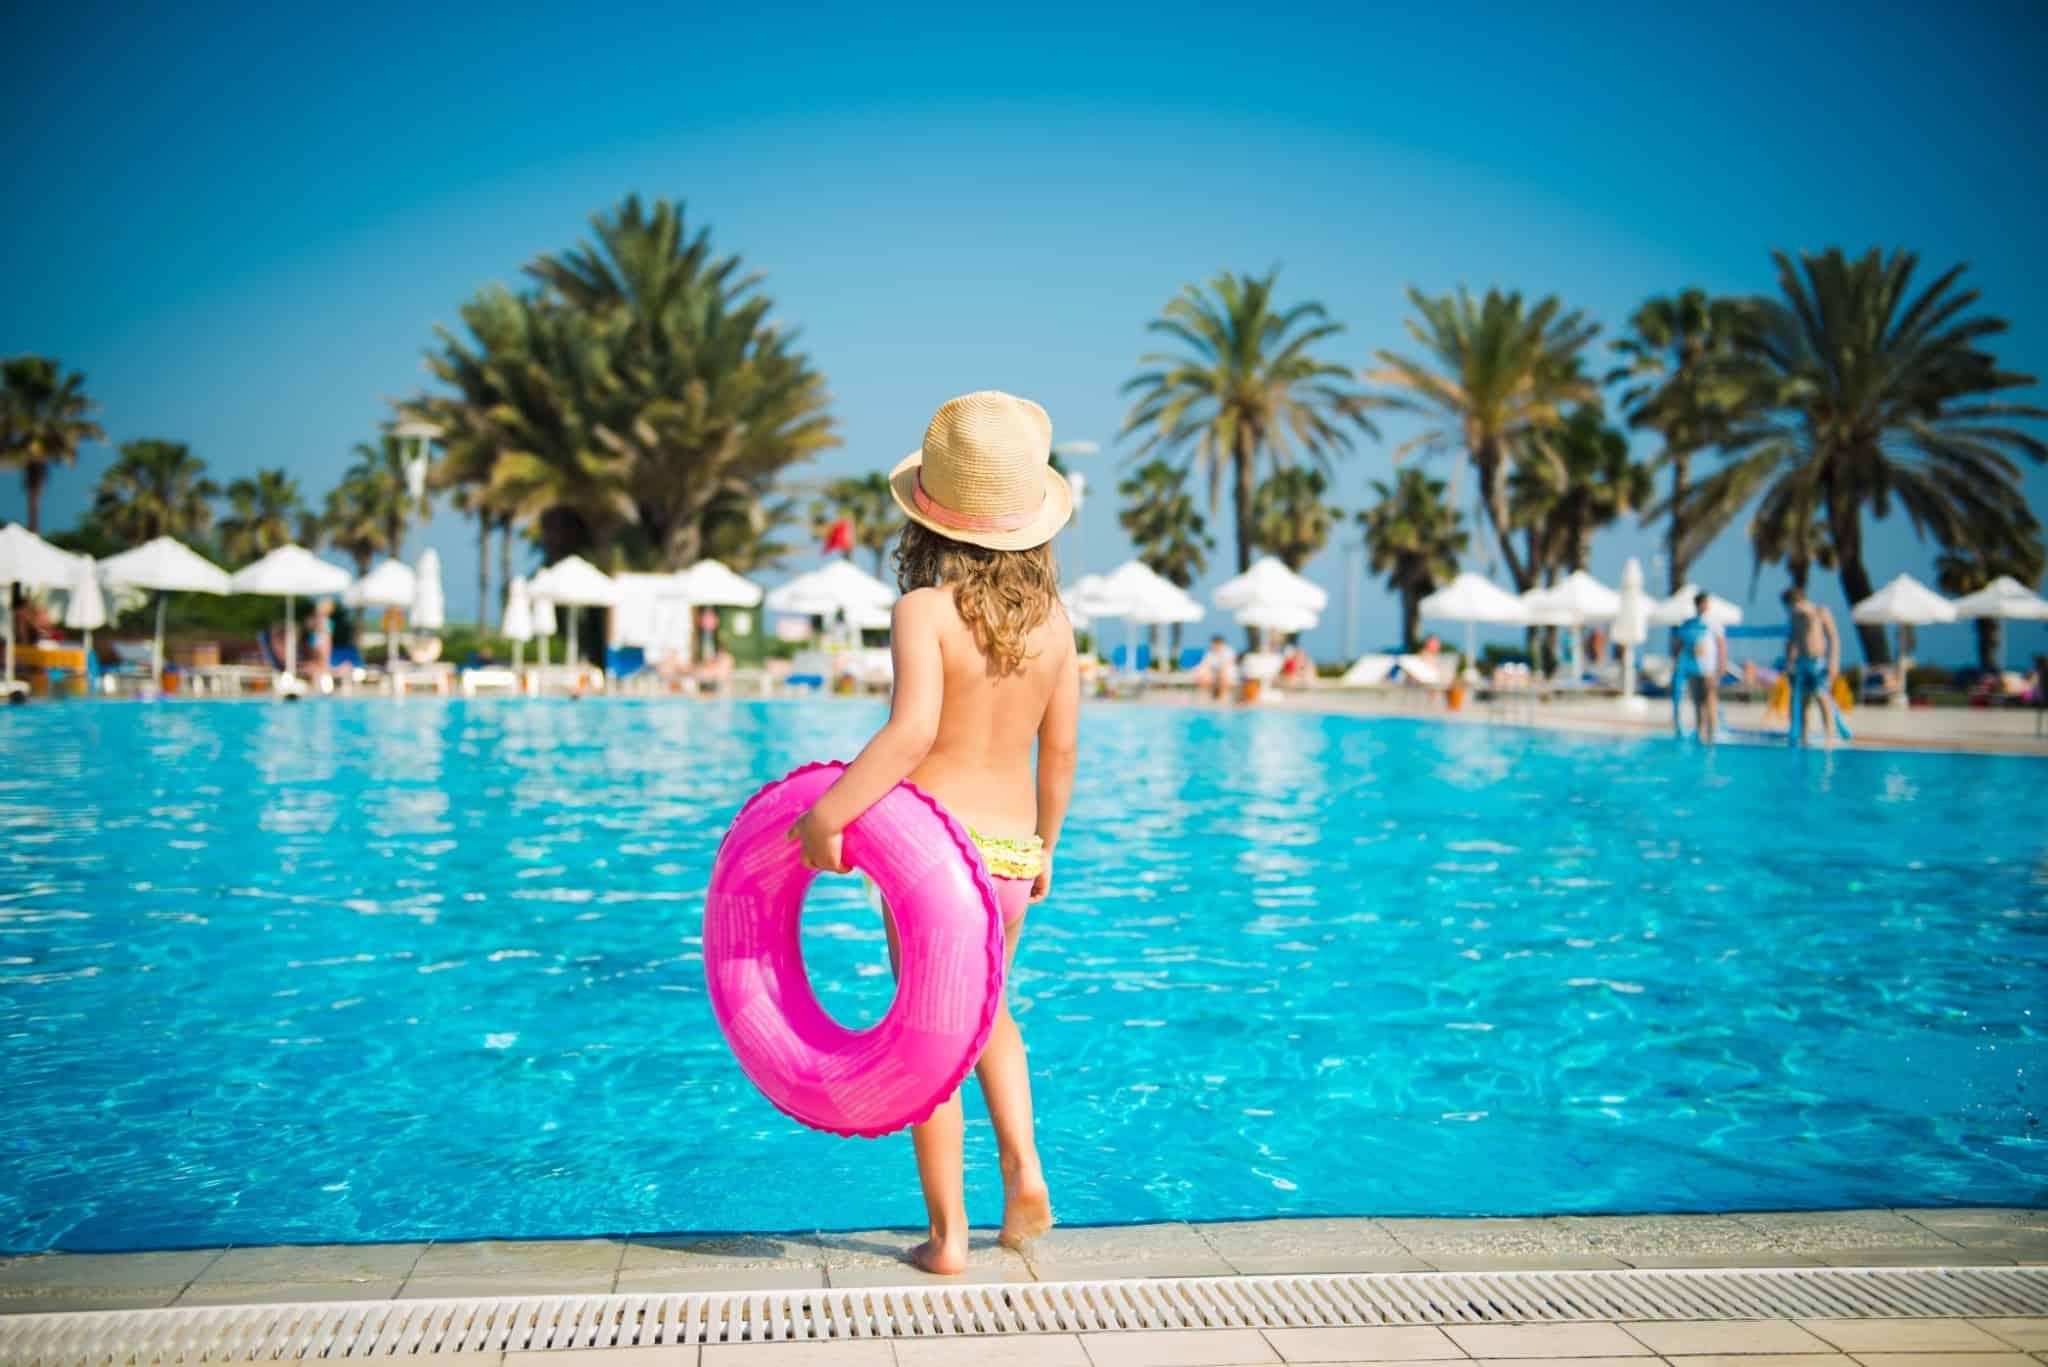 criança à beira da piscina com uma boia cor de rosa